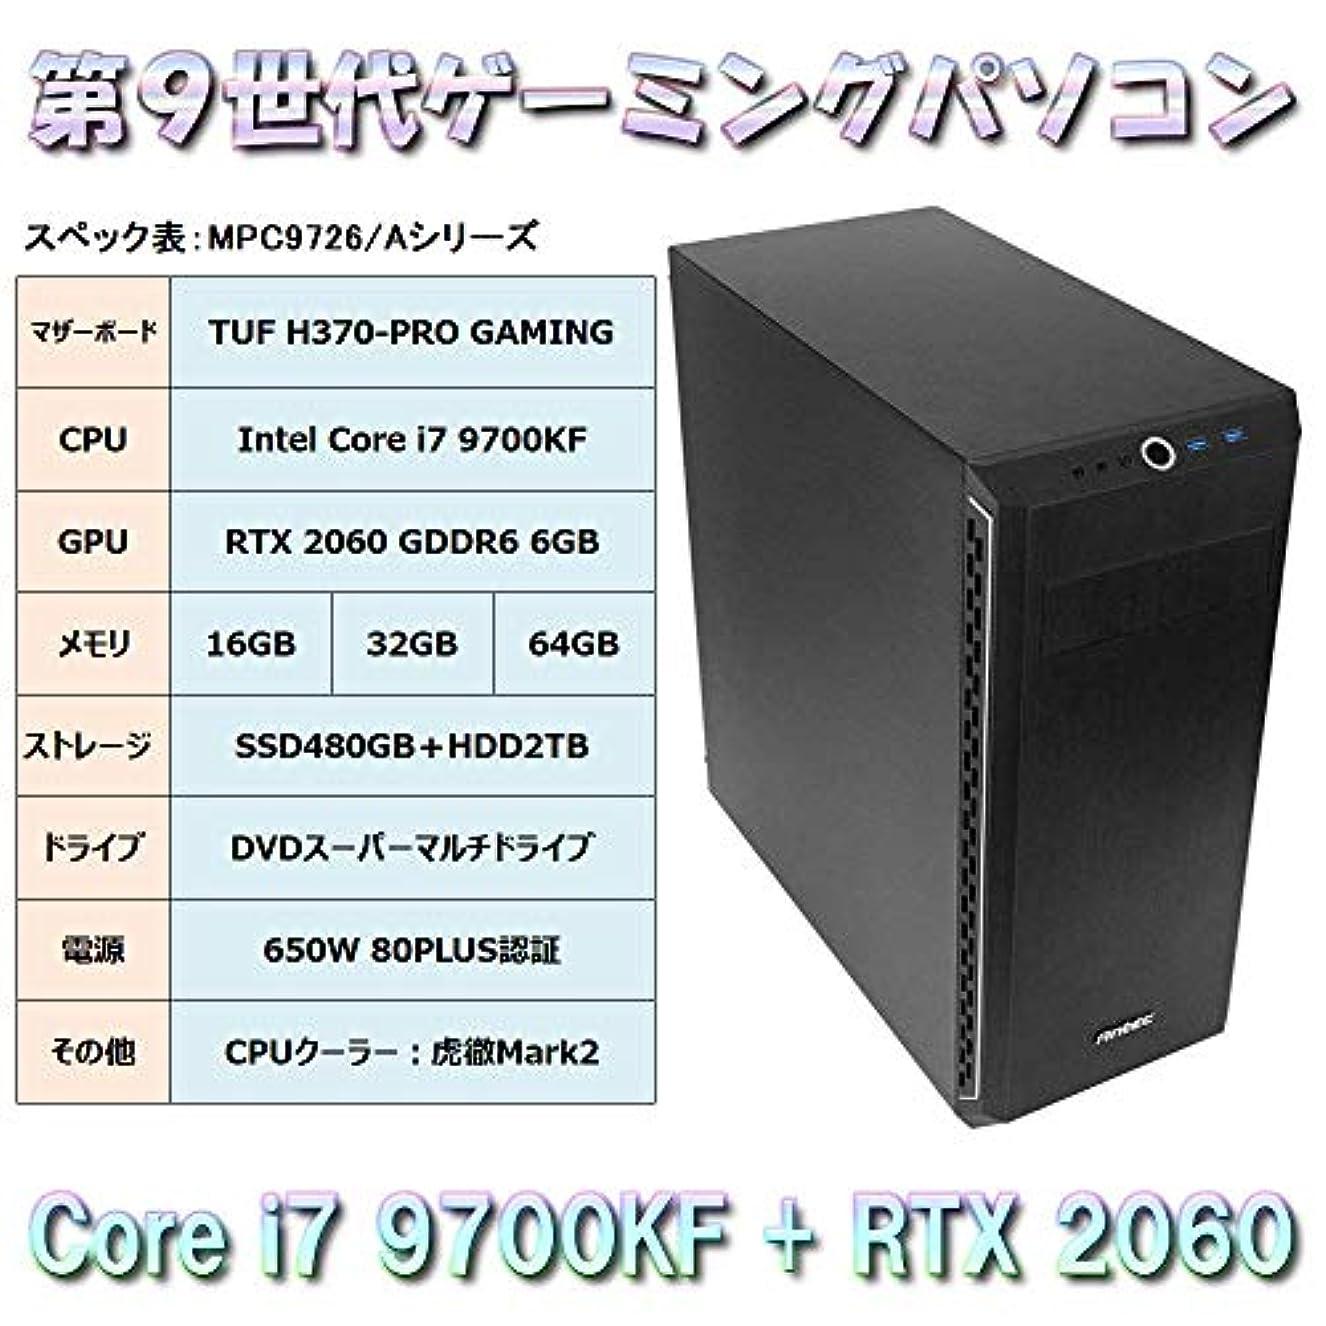 フロンティア貪欲まだら第9世代ゲーミングデスクトップパソコン Intel Core i7 9700KF/RTX2060/メモリ64GB/SSD480GB/HDD2TB/DVDマルチ/Win10 MPC9726M64/A